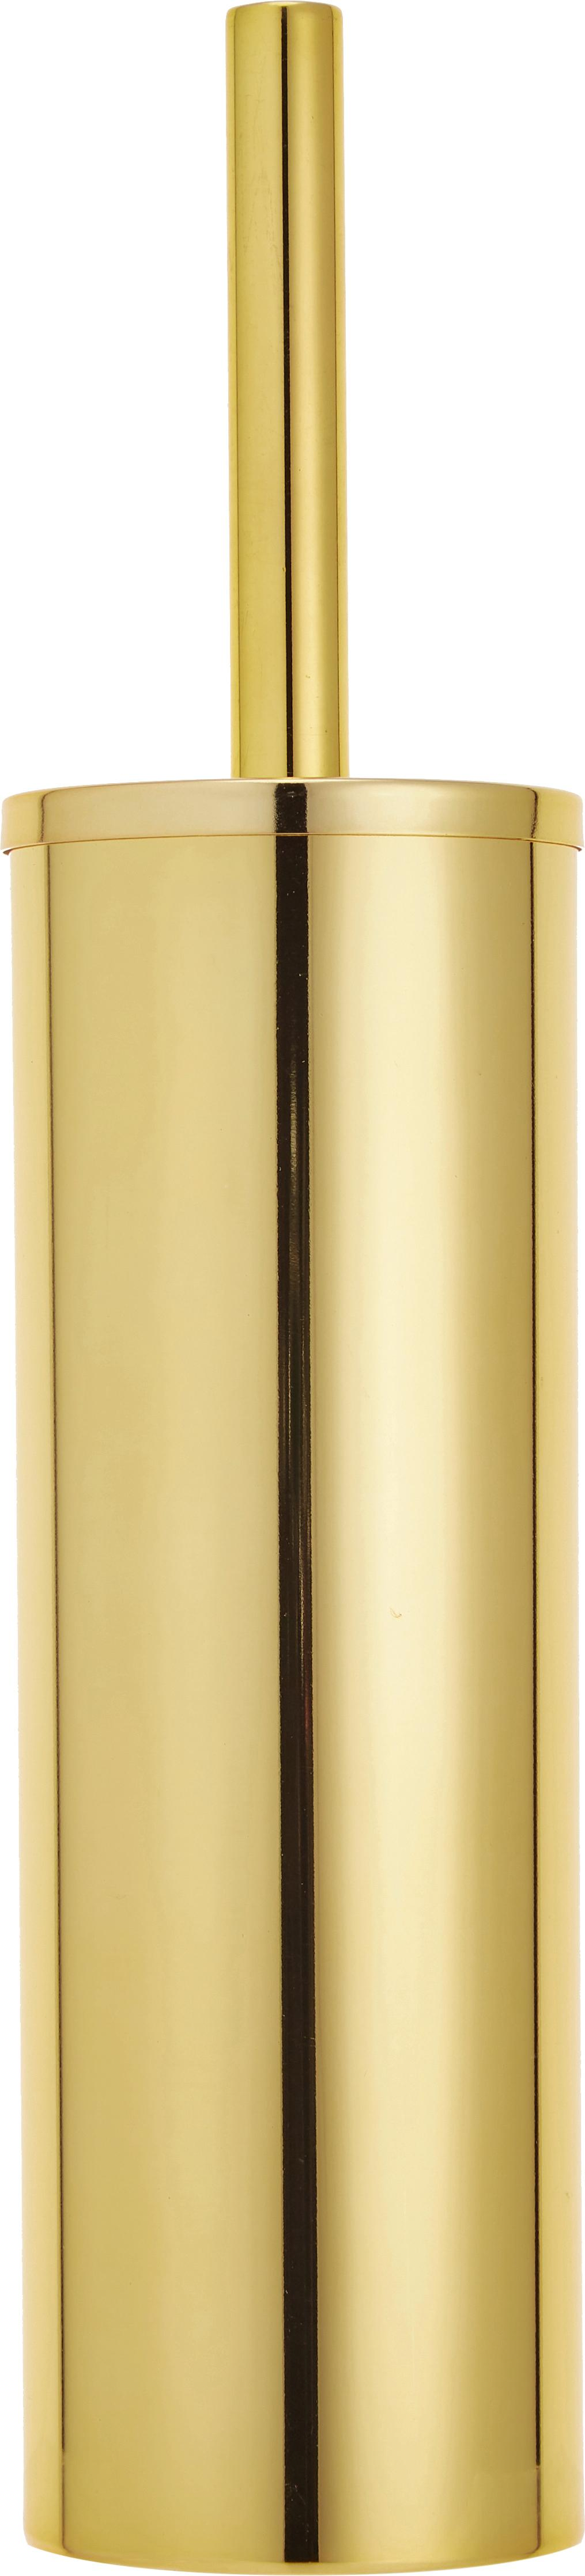 Escobilla de baño Classic, Metal, pintado, Dorado, Ø 9 x Al 40 cm